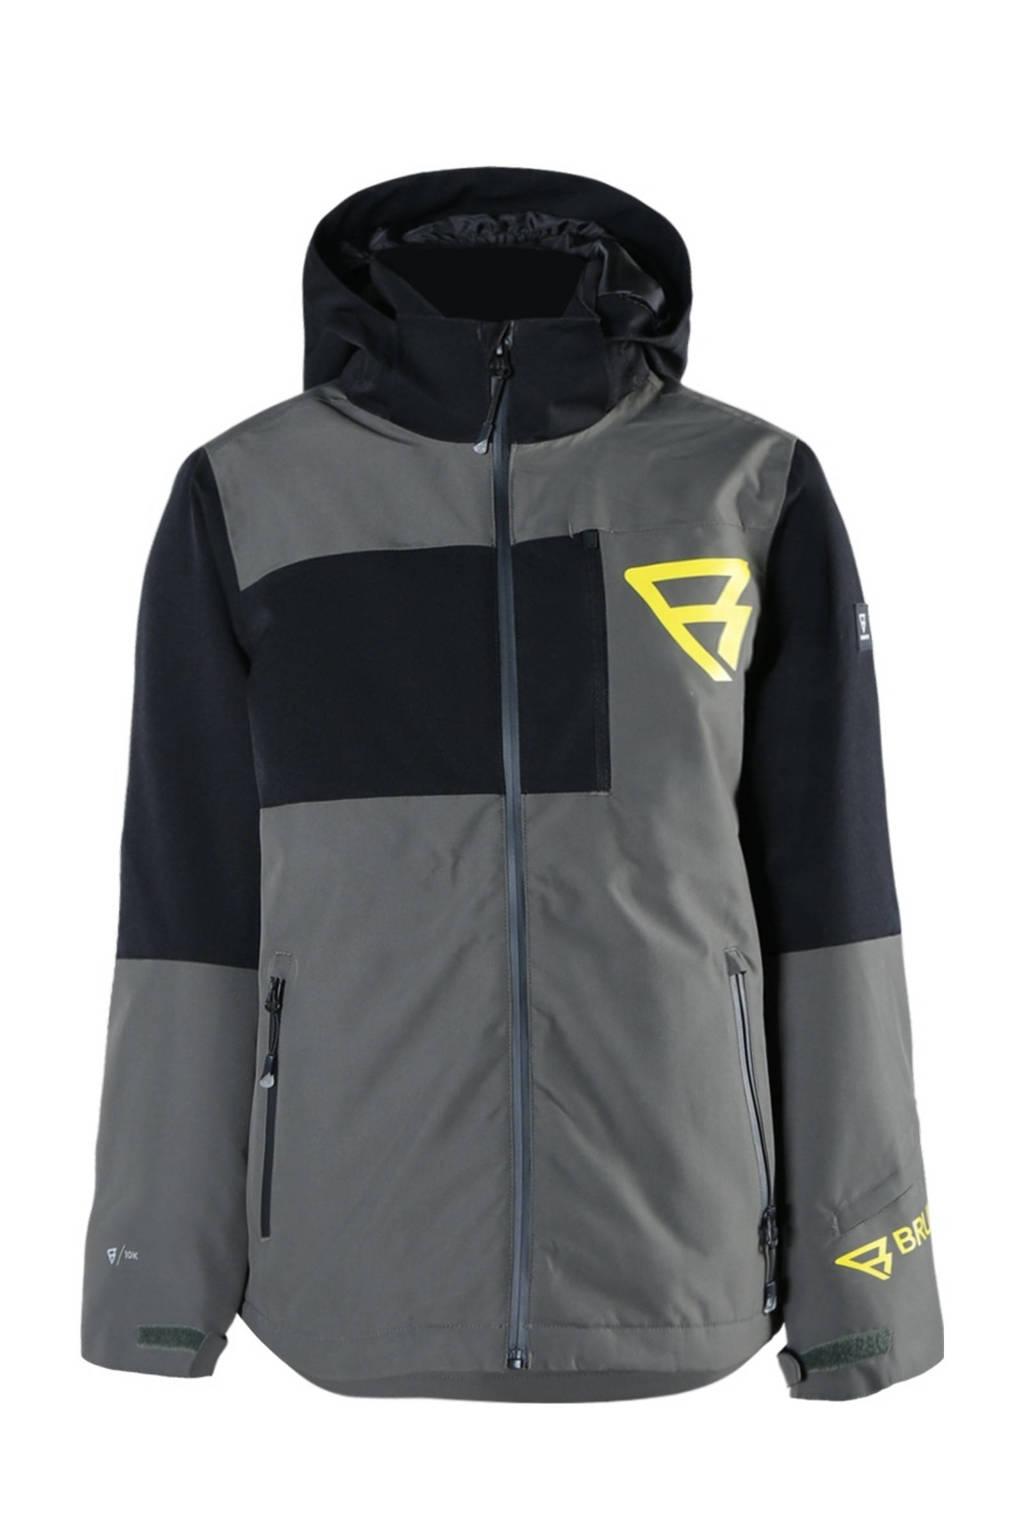 Brunotti jack Flynn-JR-S grijs/zwart/geel, Grijs/zwart/geel